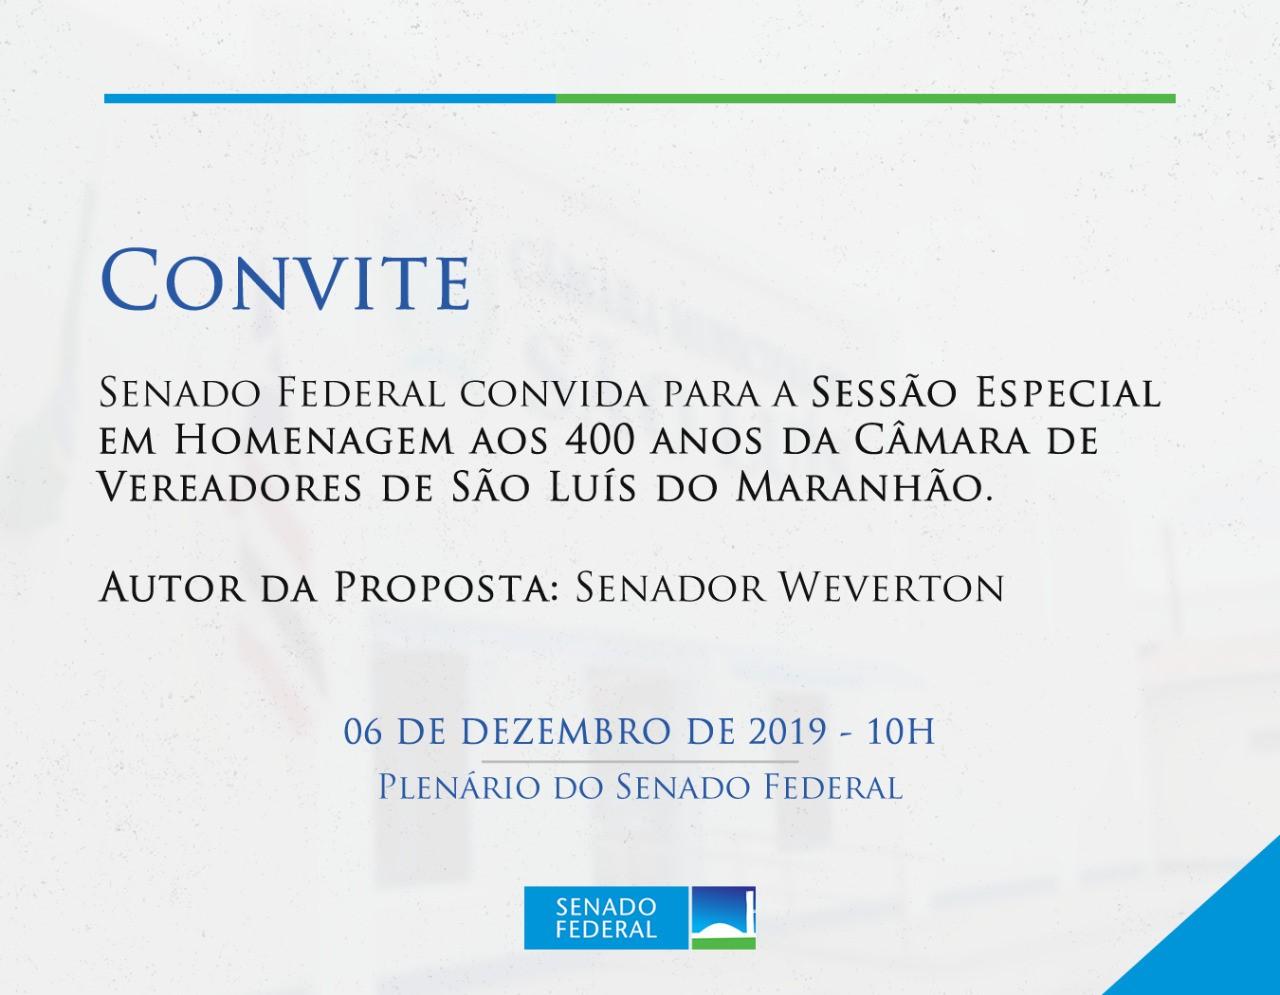 Sessão especial no Senado comemora 400 anos da Câmara de São Luís